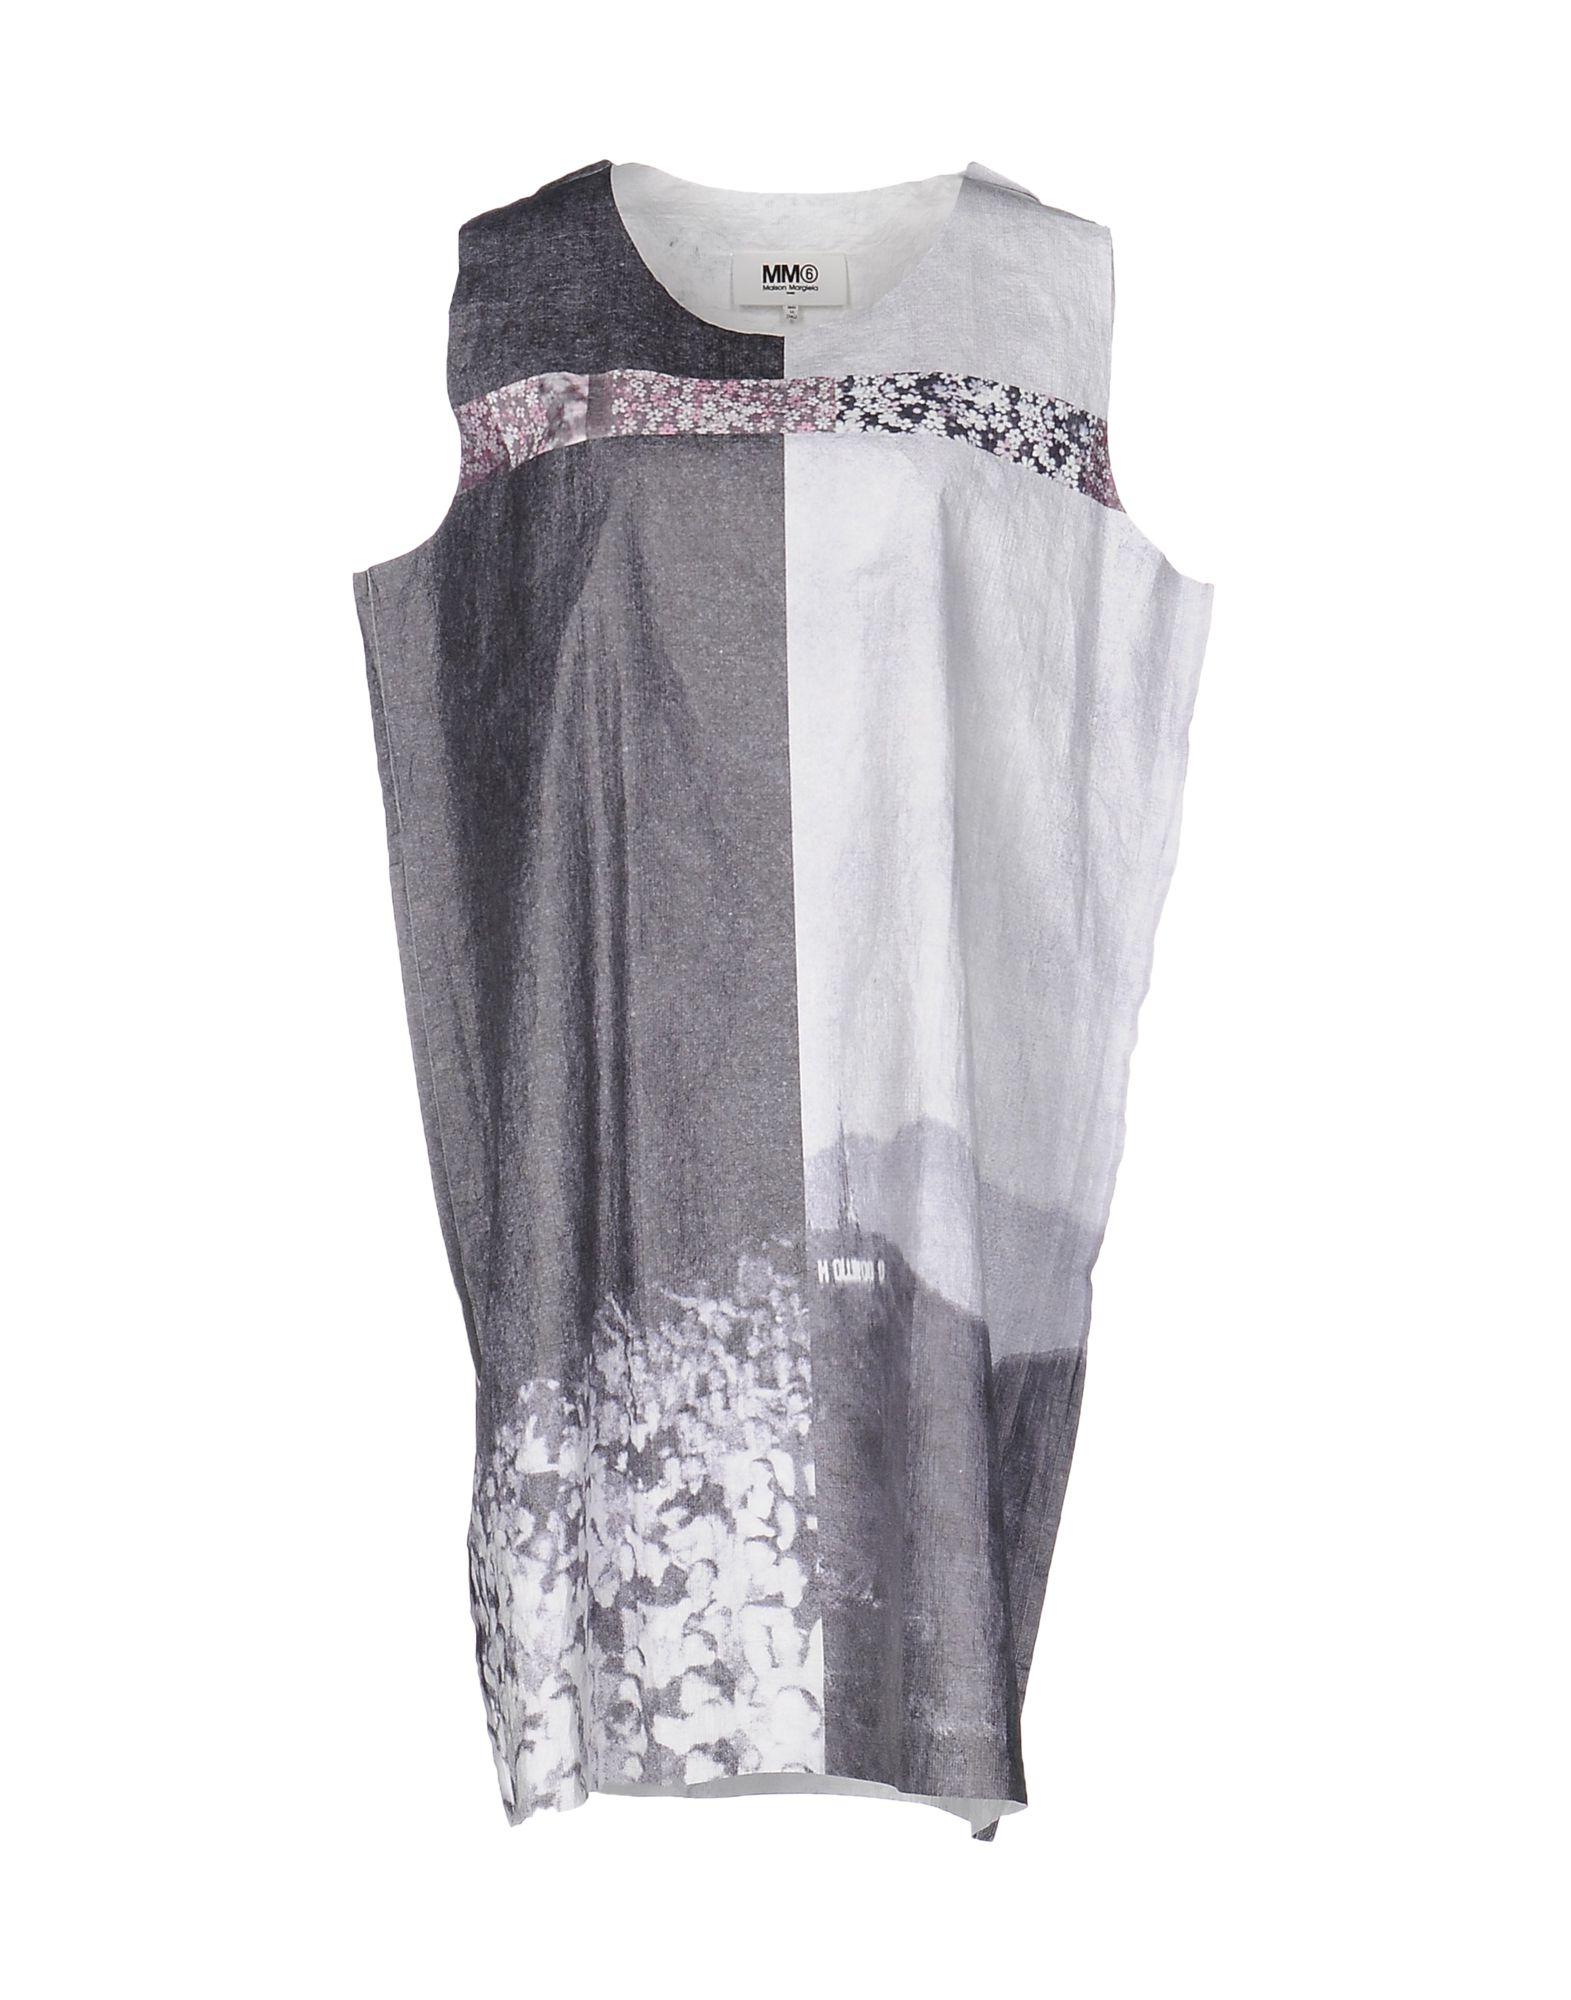 MM6 MAISON MARGIELA Damen Kurzes Kleid Farbe Blei Größe 6 - broschei